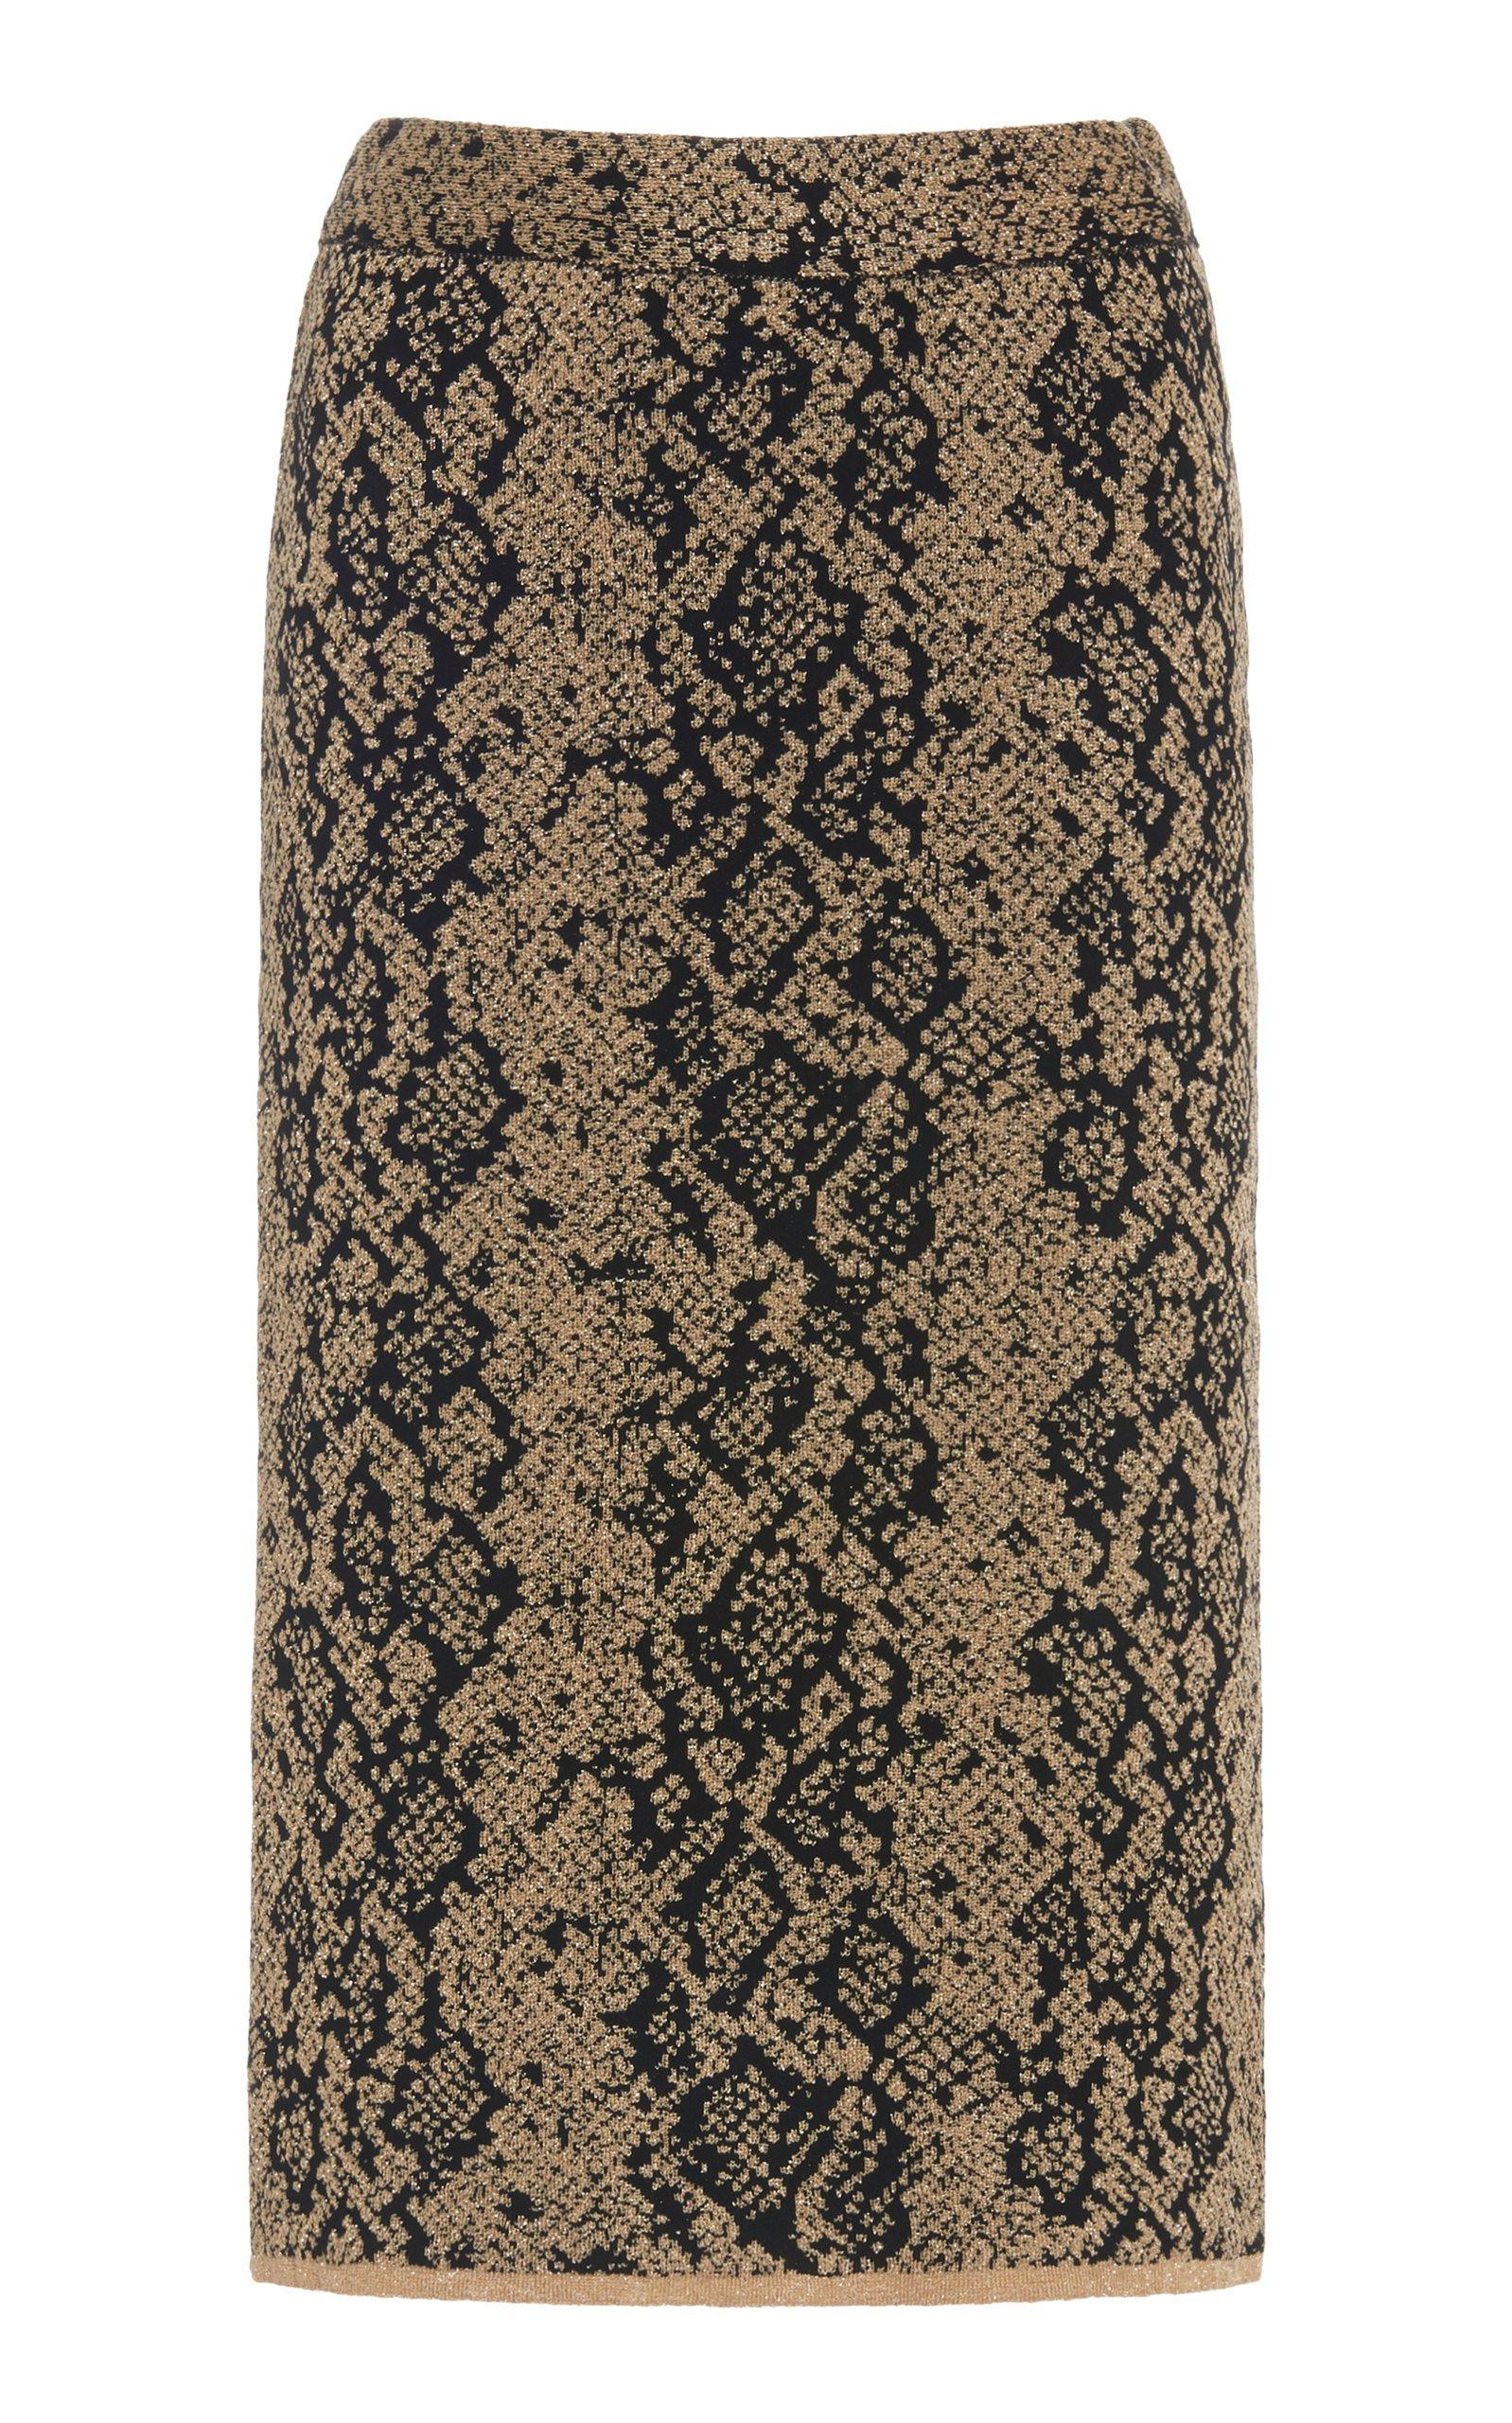 Dundas Printed Jersey Pencil Skirt Size: 42